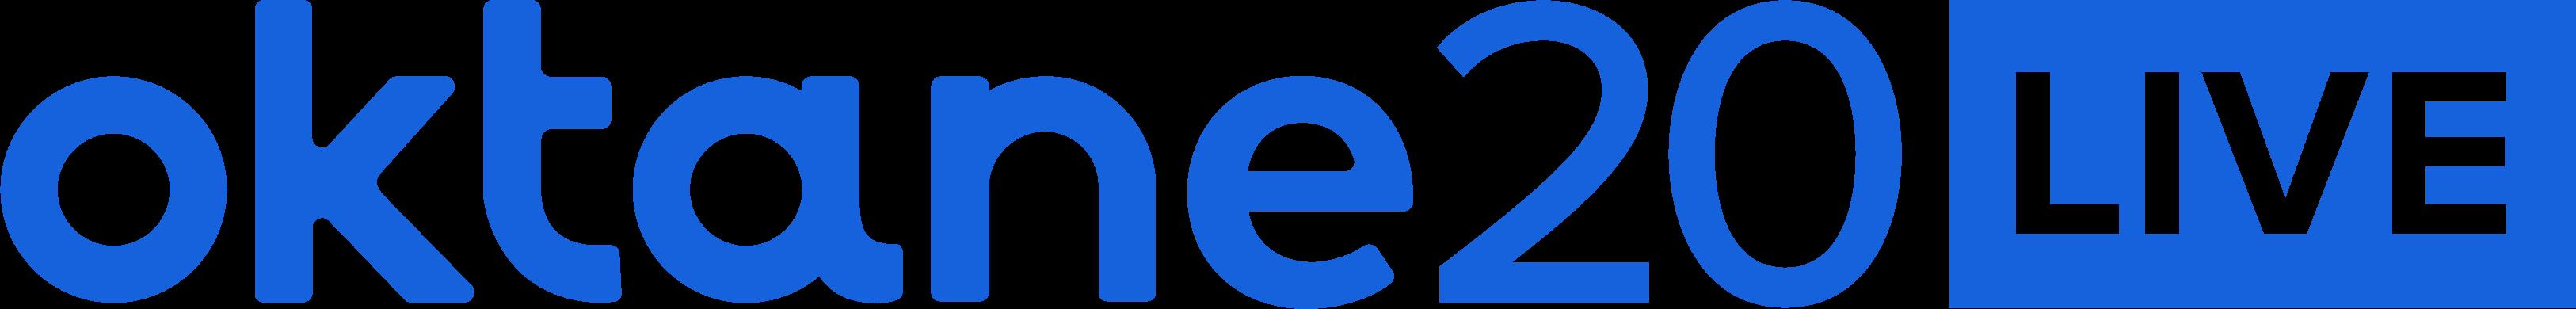 Oktane20 Live Logo Blue